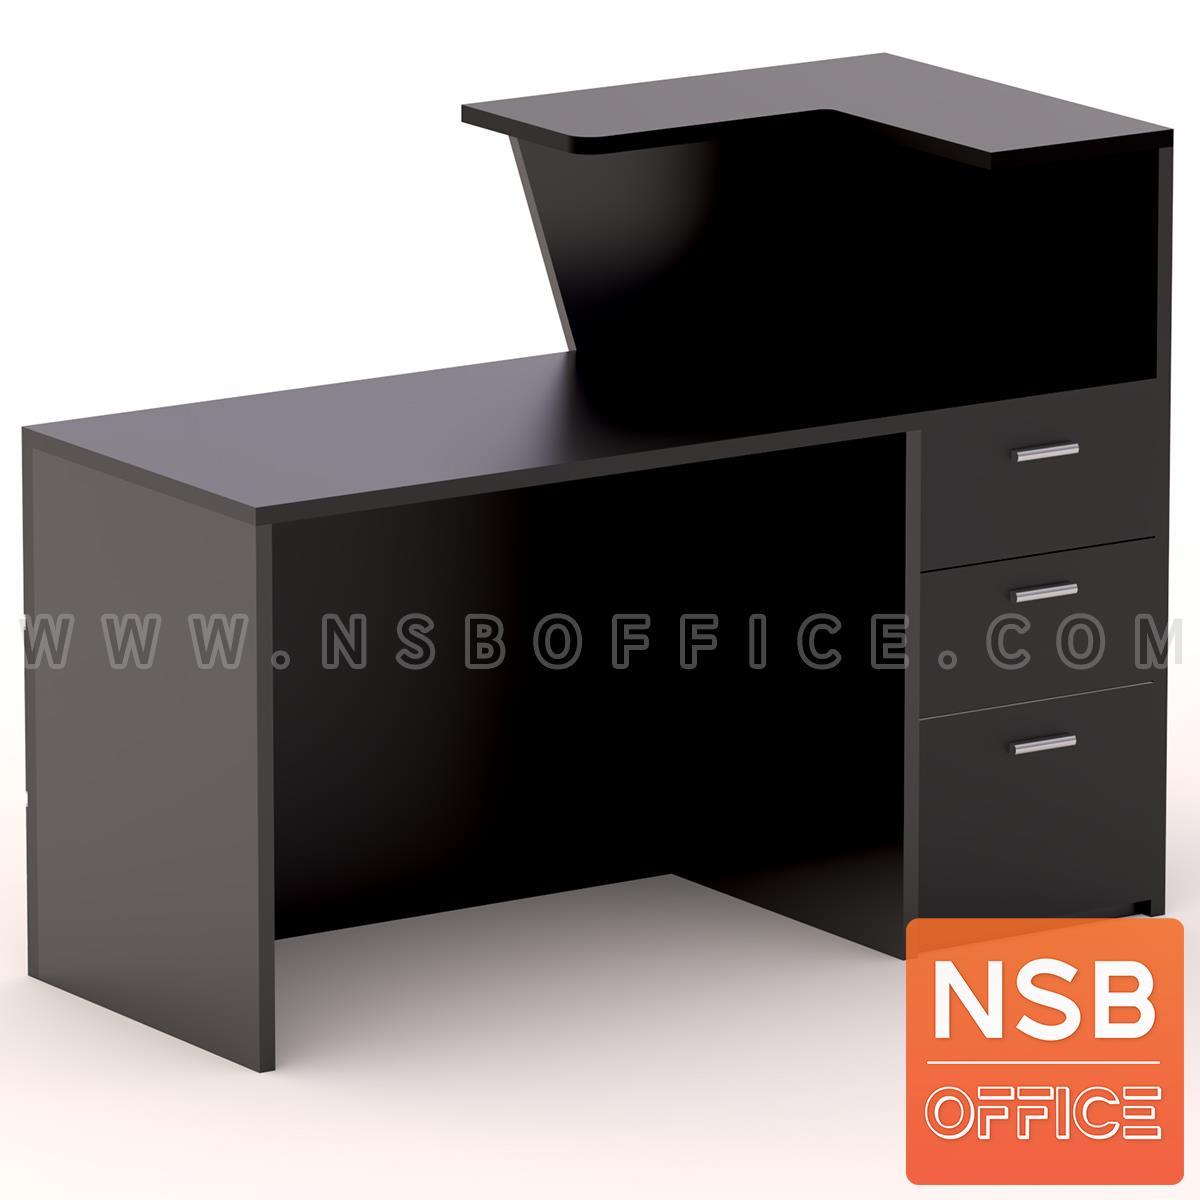 เคาน์เตอร์ผสมโต๊ะคอมพิวเตอร์หน้าเฉียง รุ่น Blackswan (แบล็คสวอน) ขนาด 120W, 150W, 180W cm. พร้อม 3 ลิ้นชักข้าง